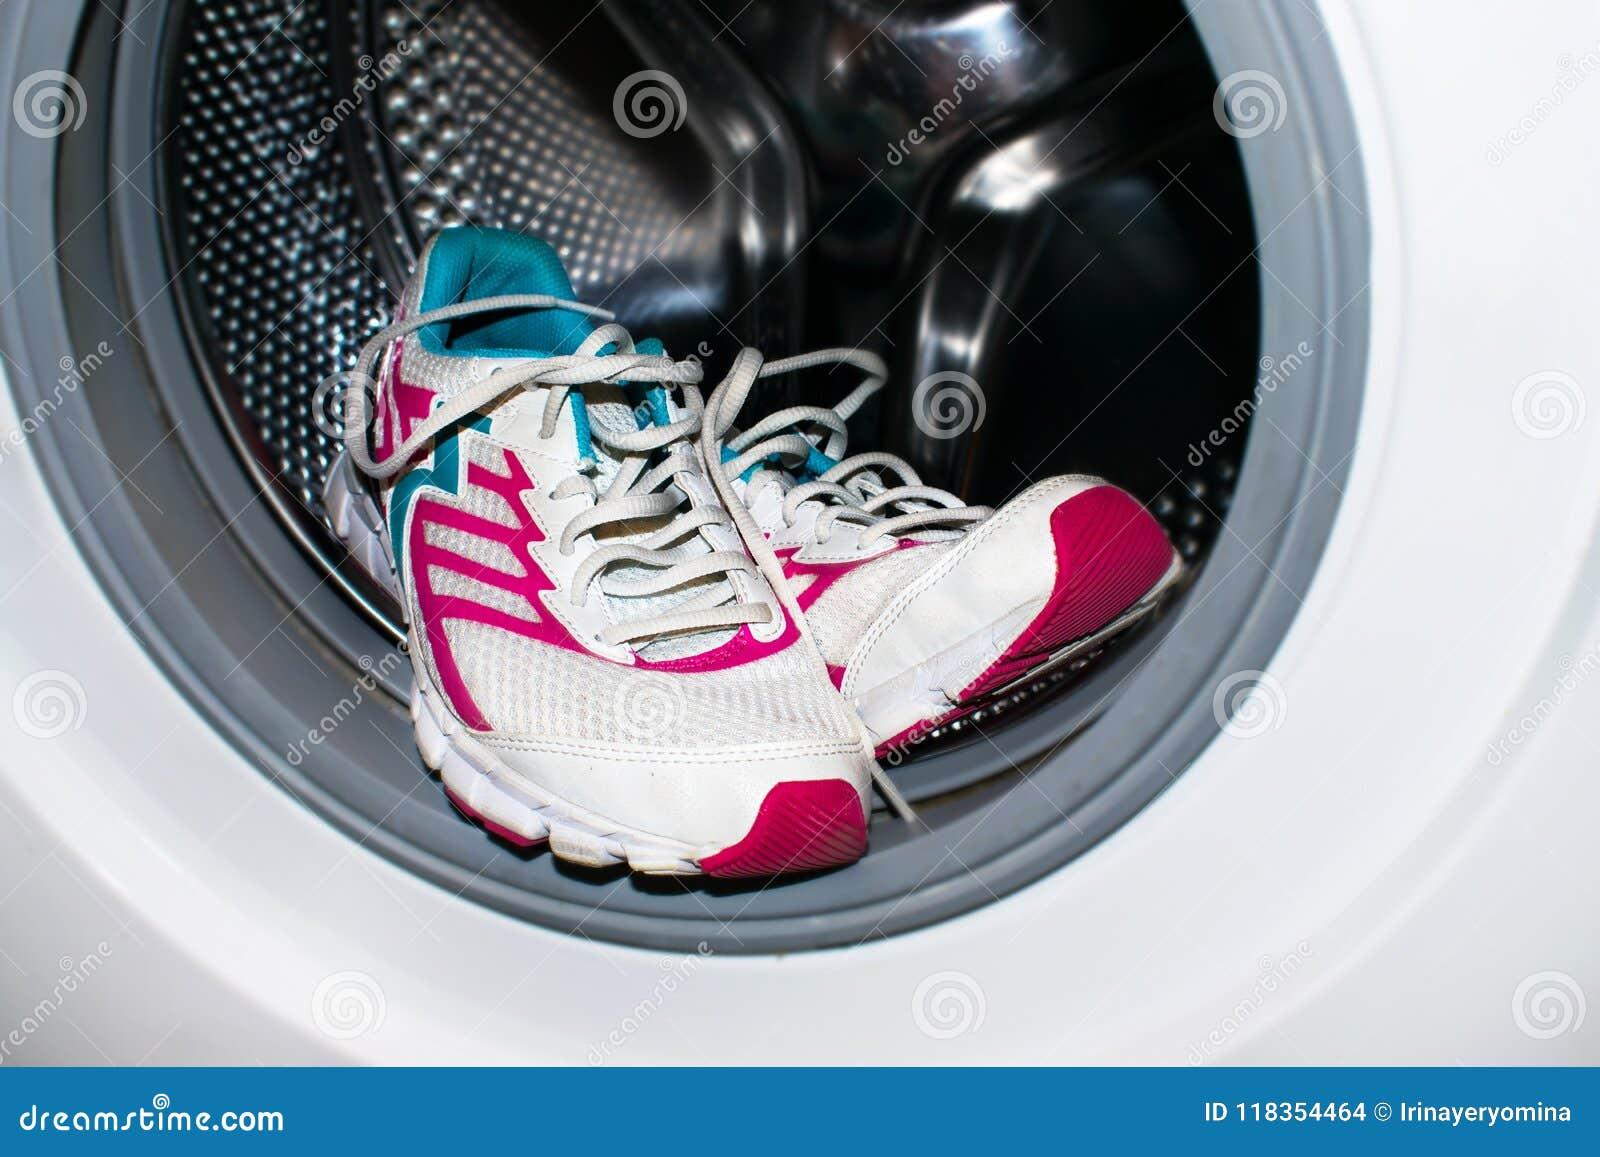 Lavado Del Zapato Las Zapatillas De Deporte Blancas Y